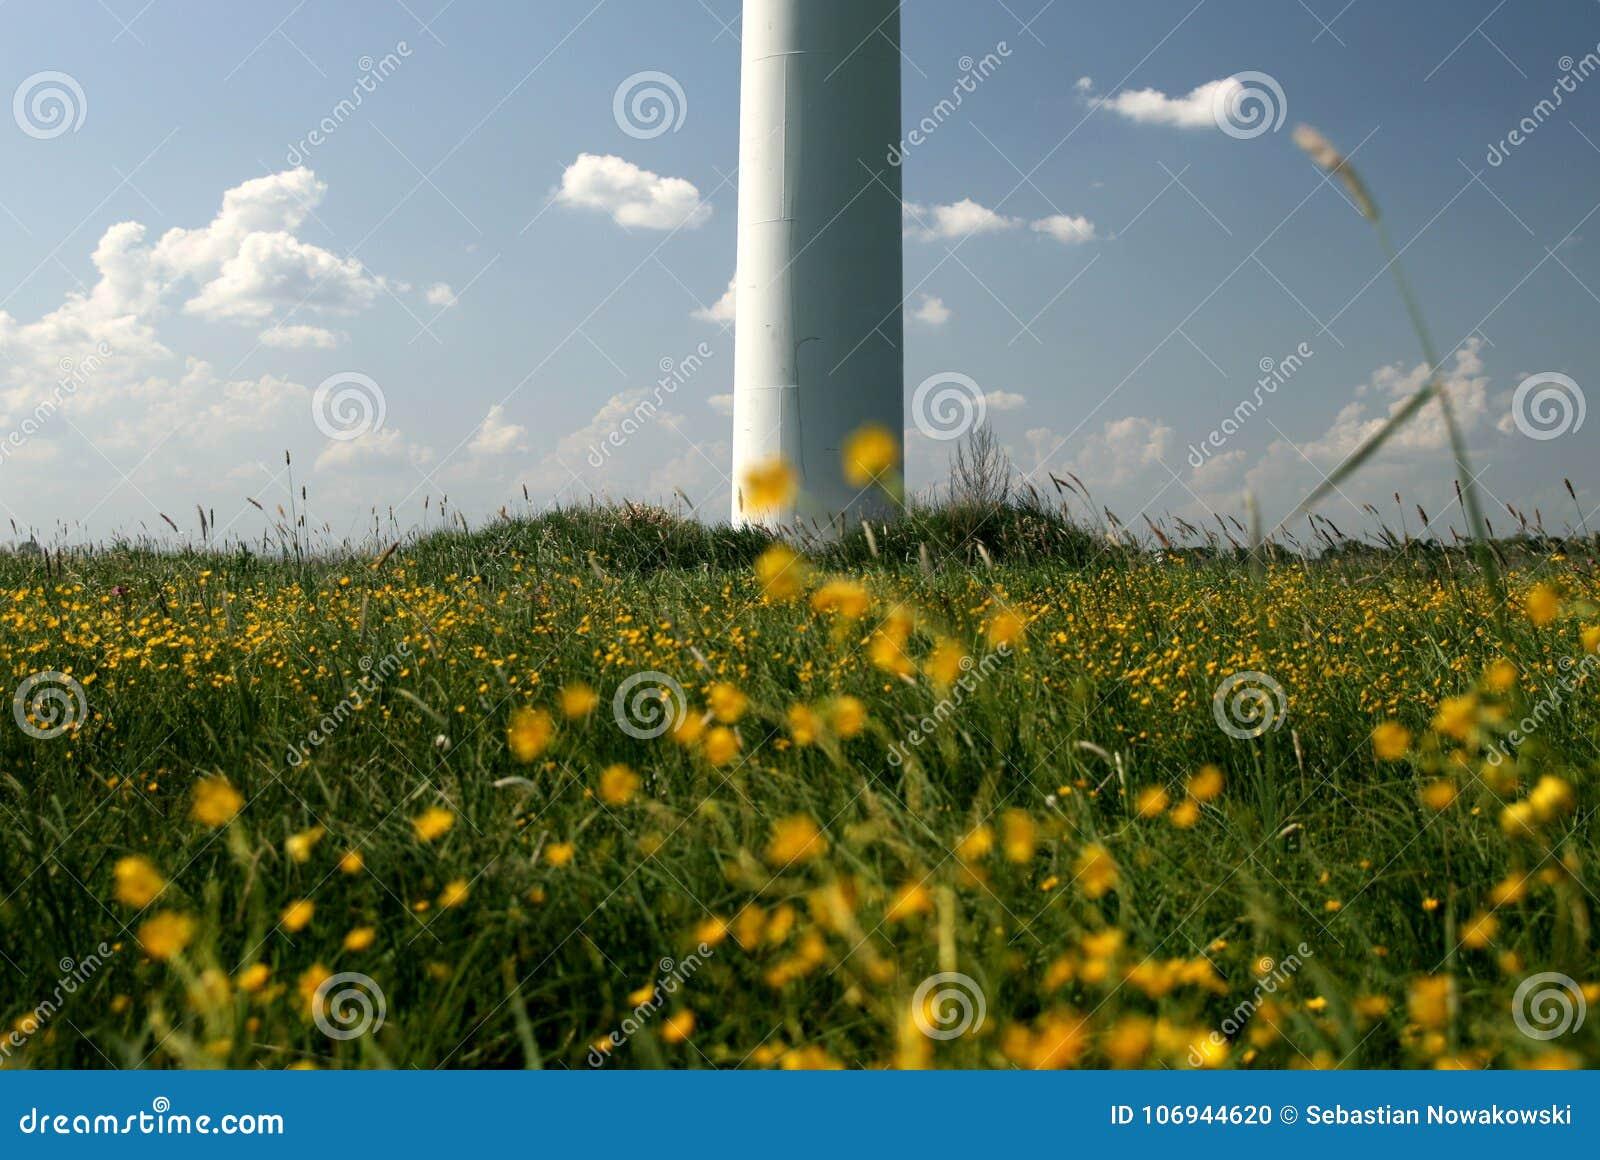 Ανεμοστρόβιλος στα λουλούδια τομέων